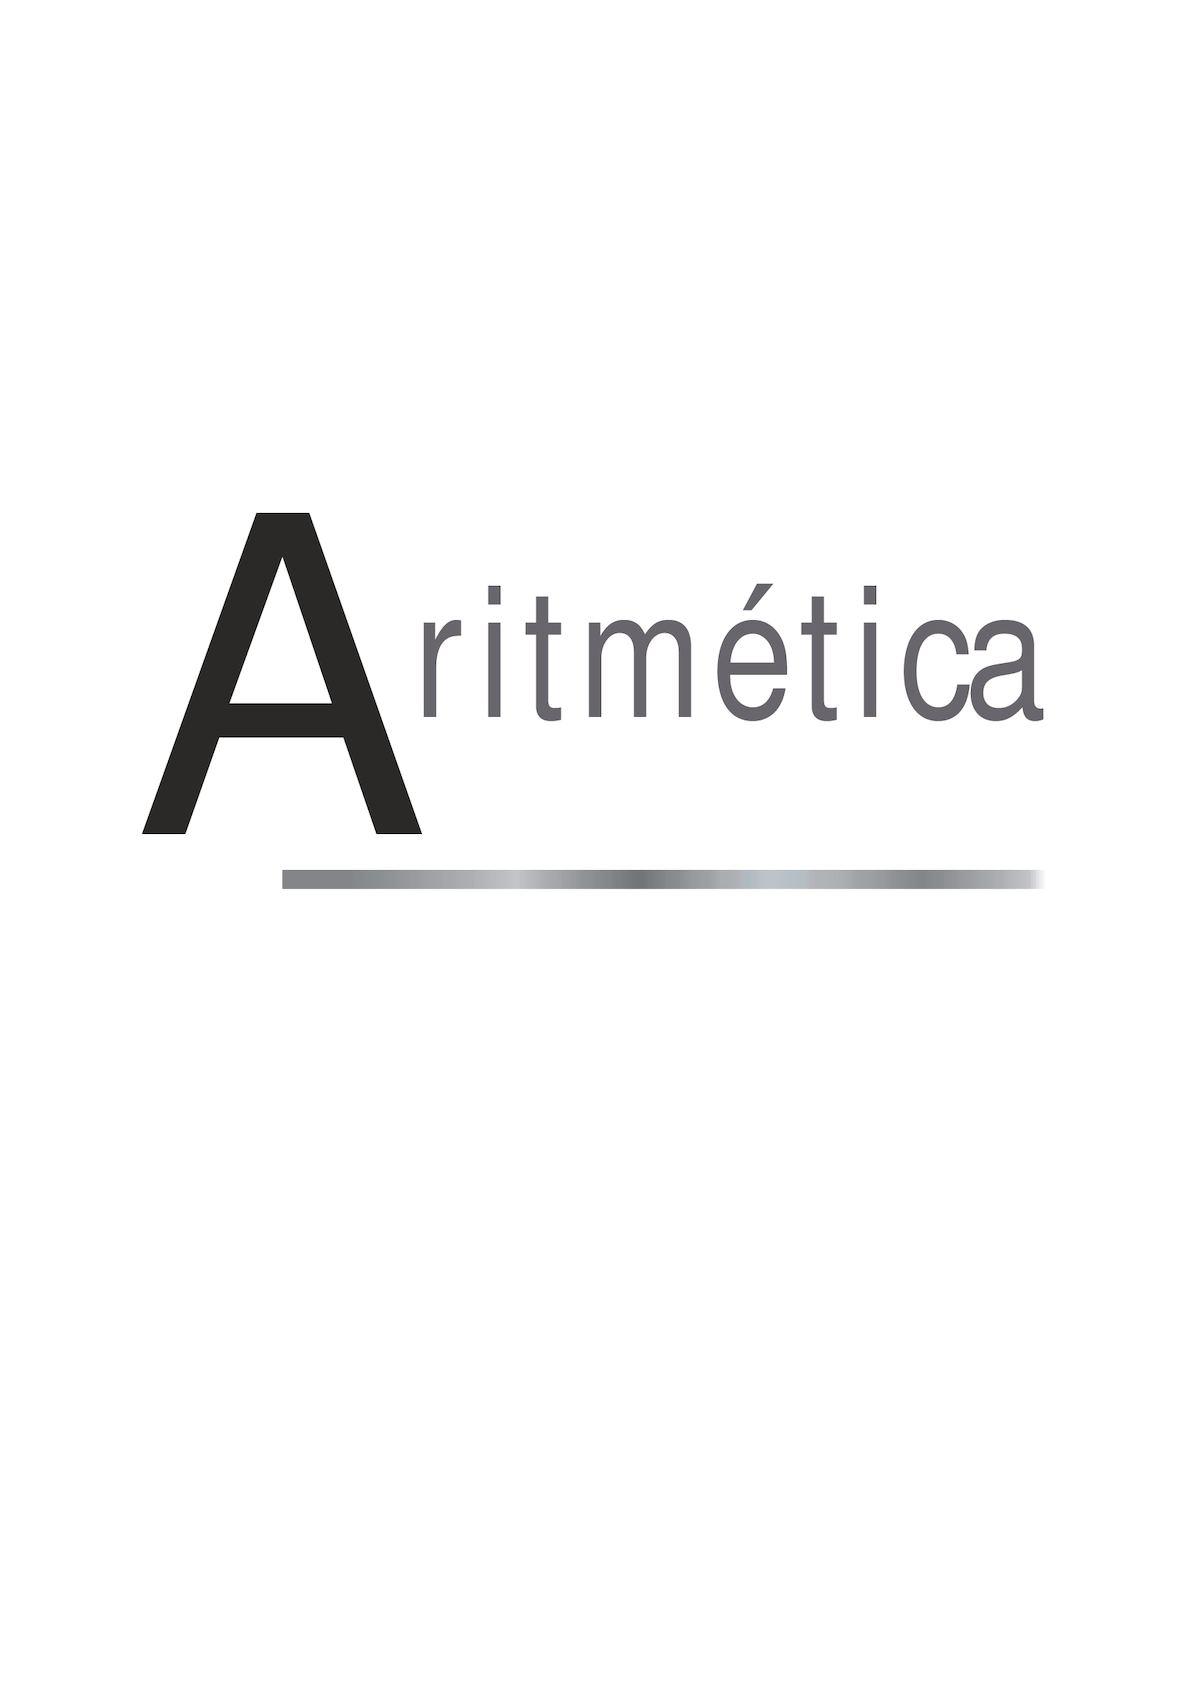 Aritmetica 1